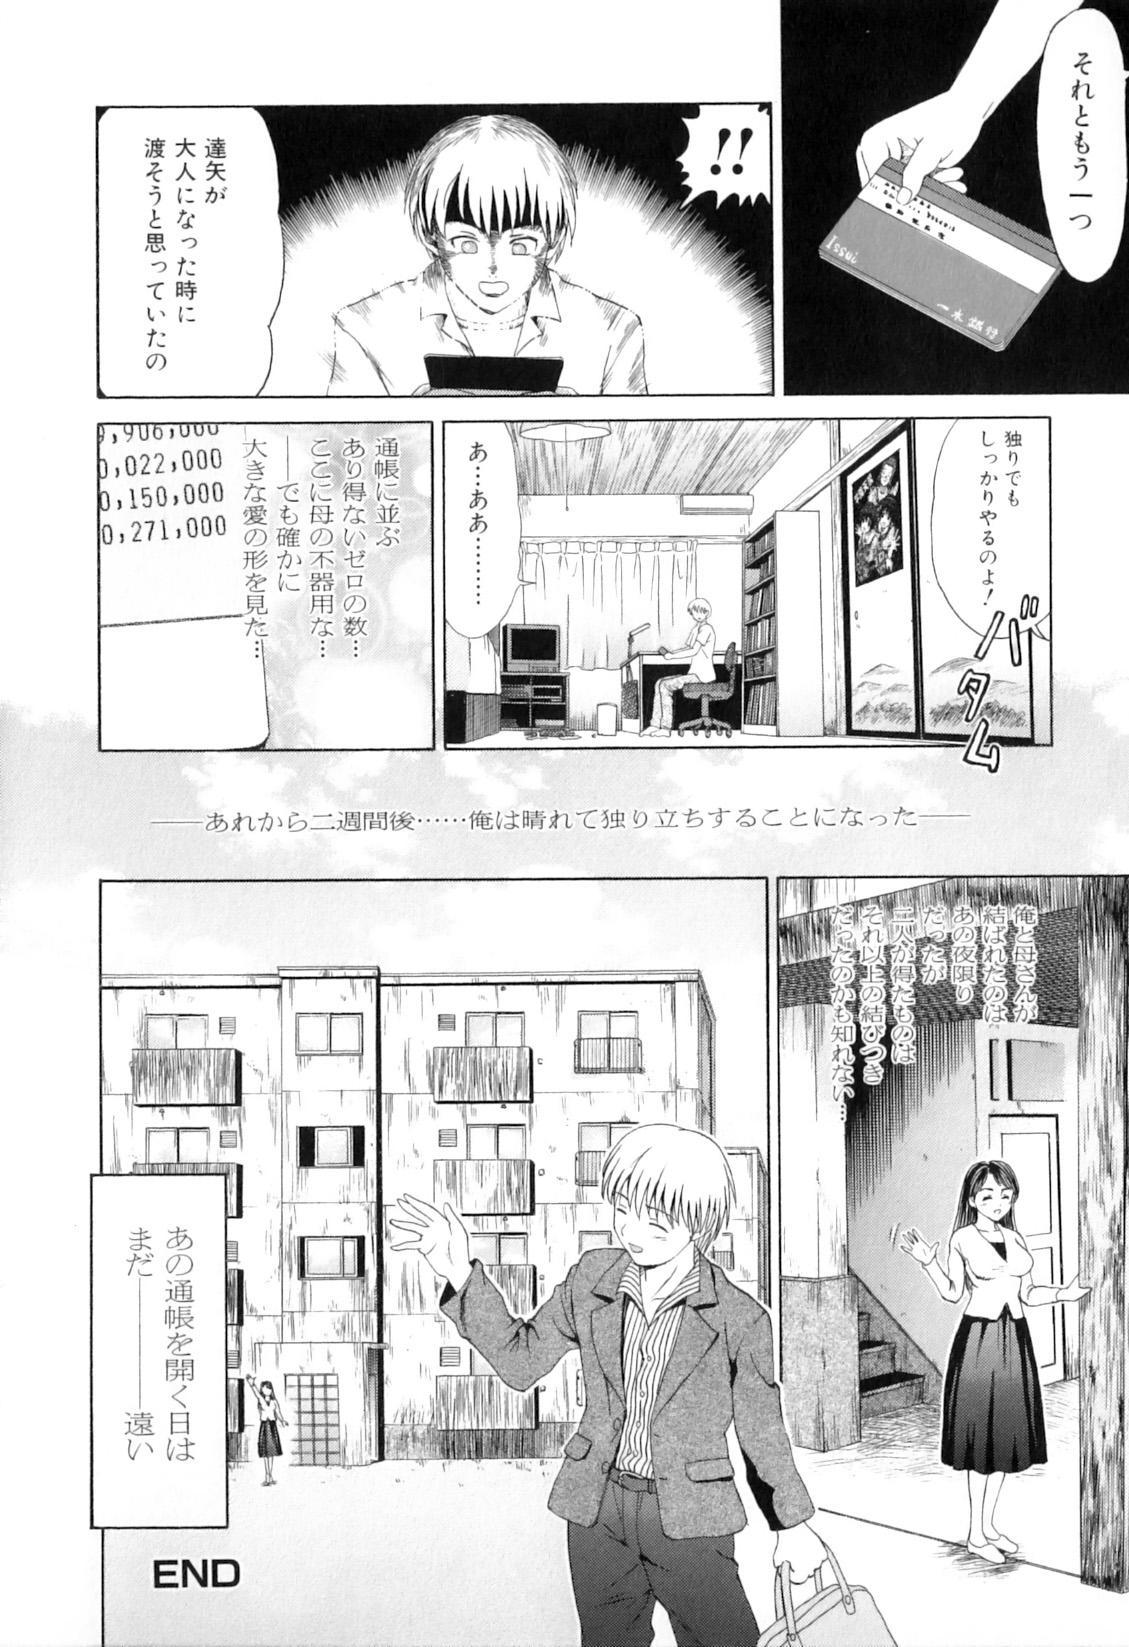 Yokujou Boshi - Desire Mother and Child 67